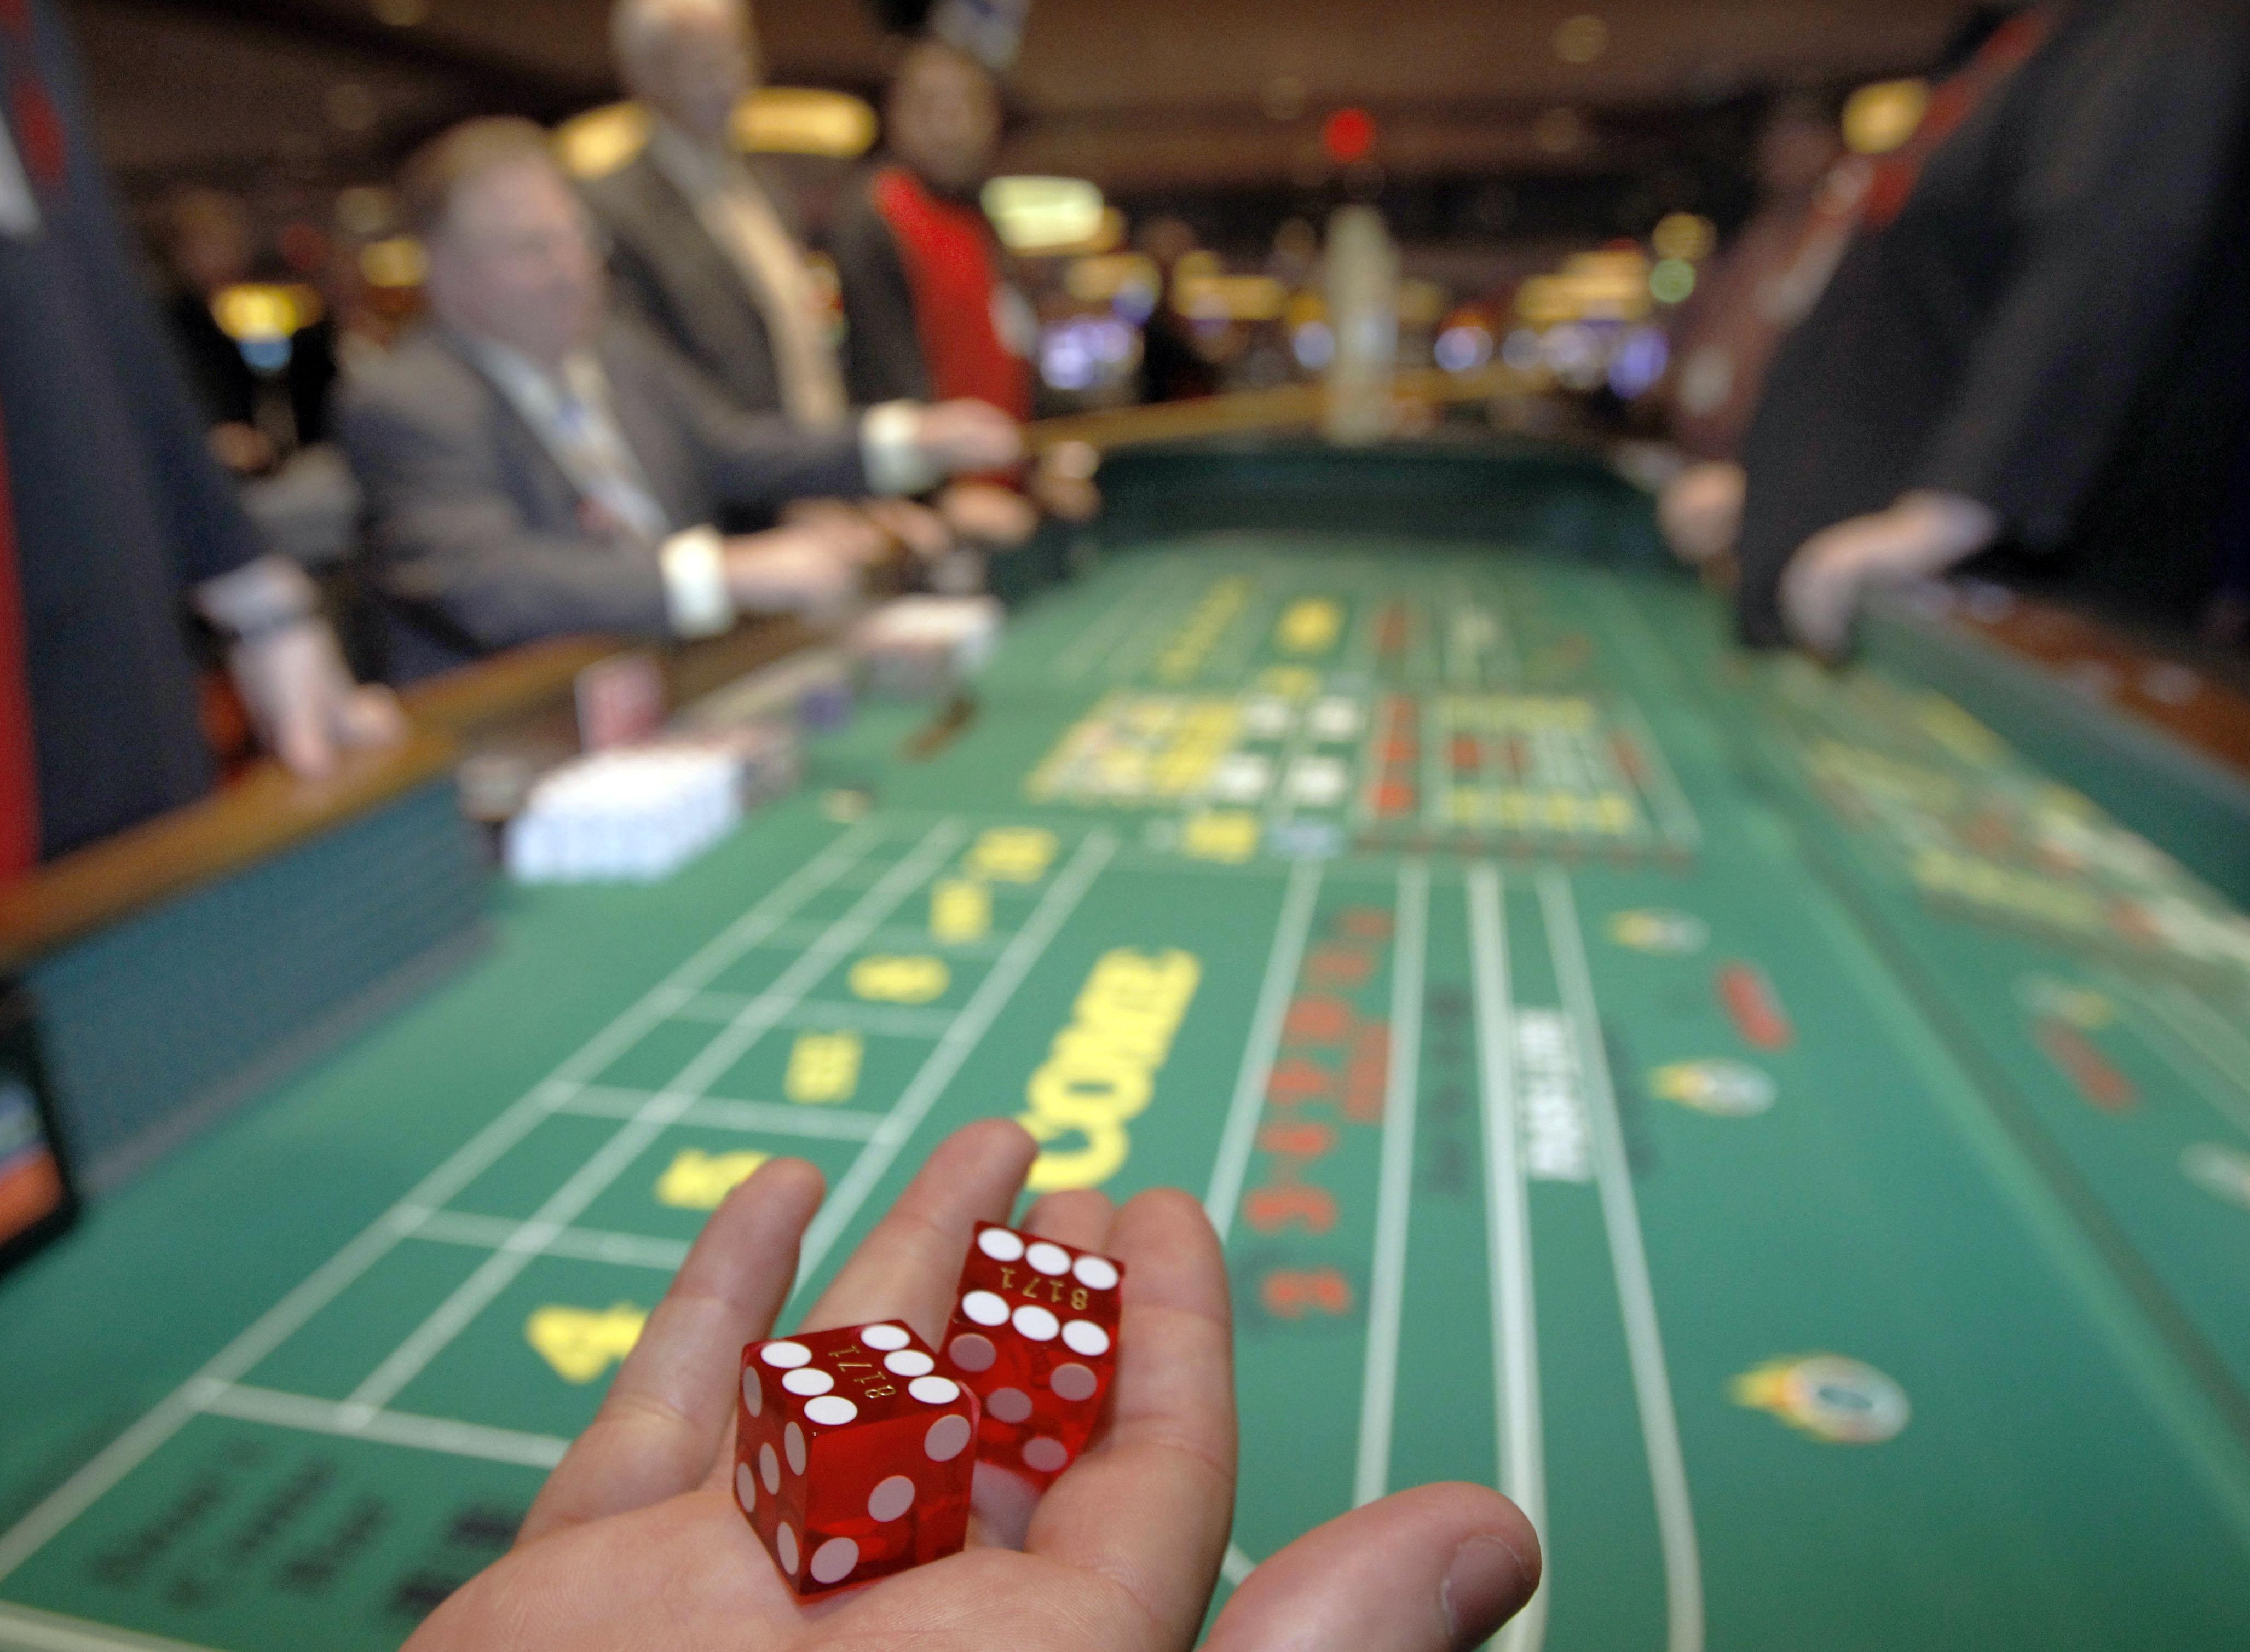 Риобет казино официальный сайт играть онлайн контрольчестности рф